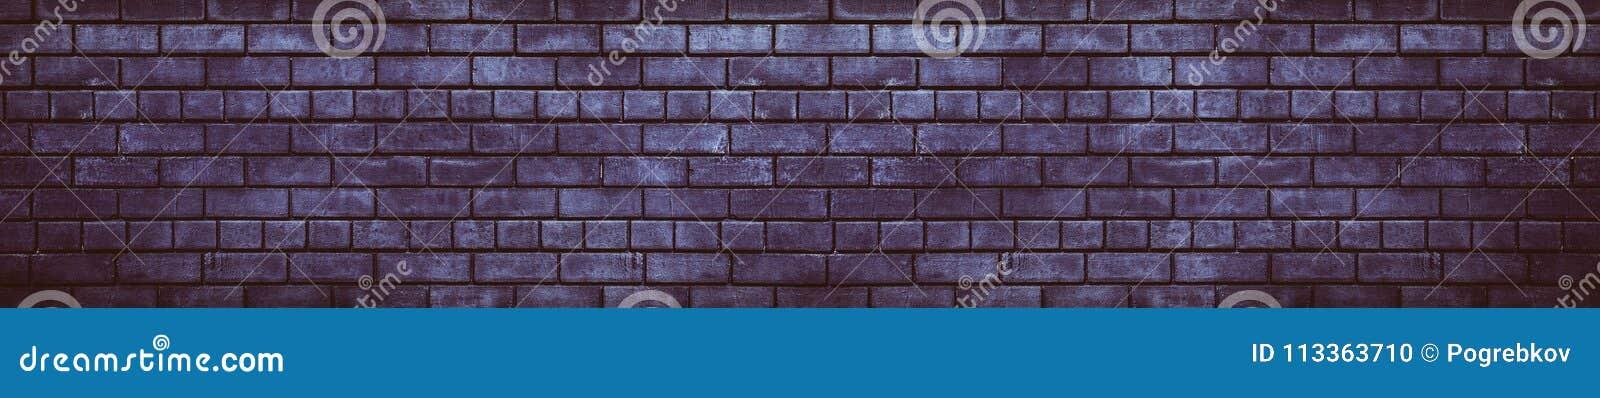 宽黑暗的紫罗兰色砖墙阴沉的难看的东西背景